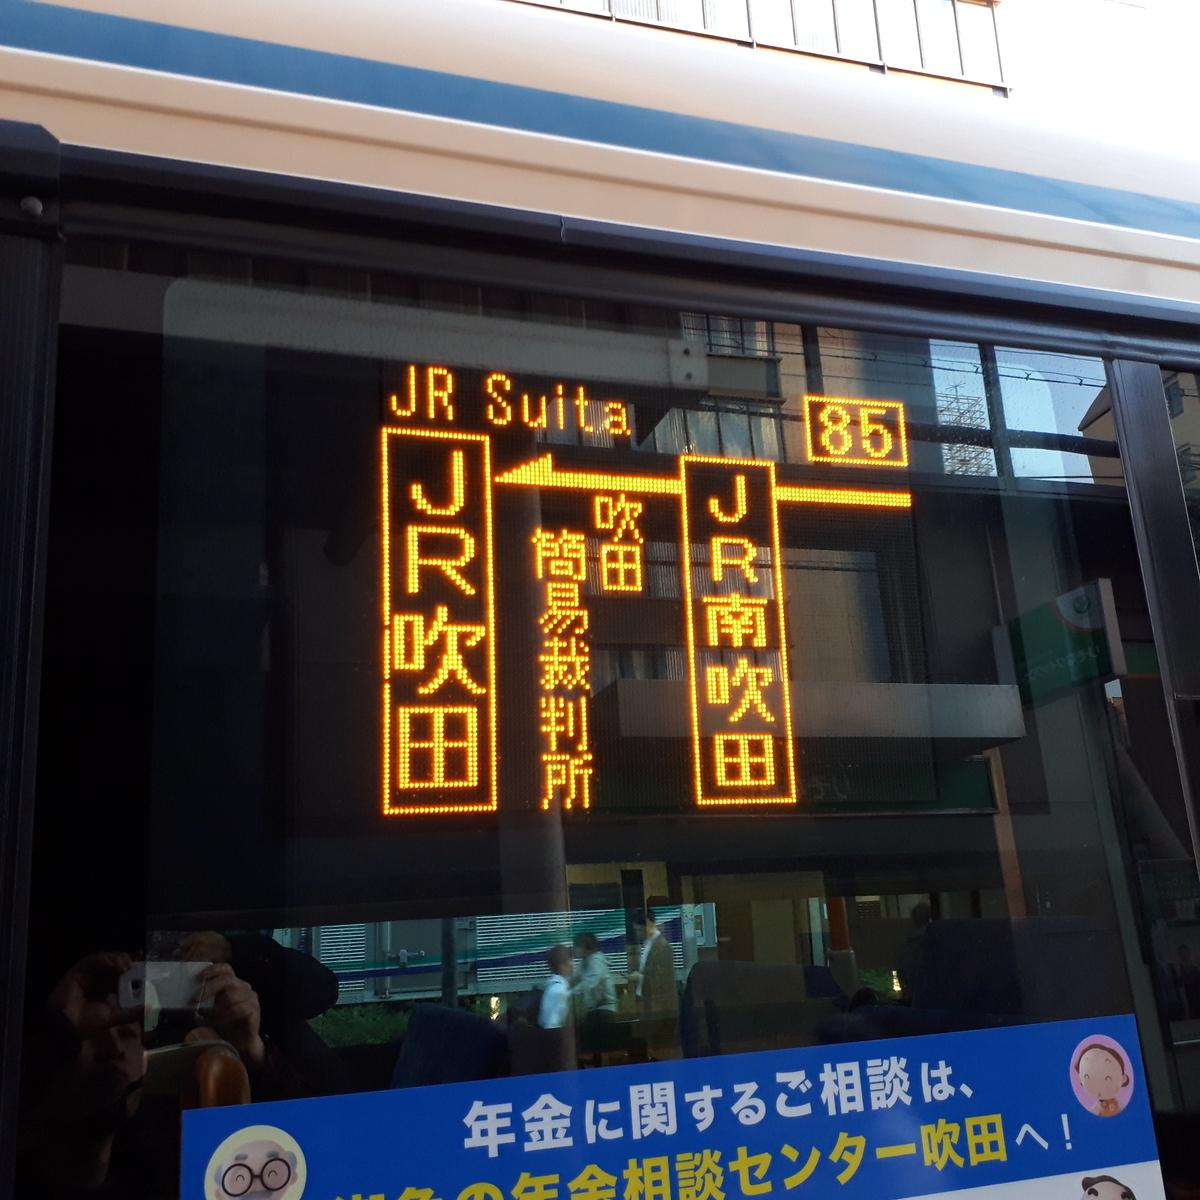 阪急バス 85系統 行先表示